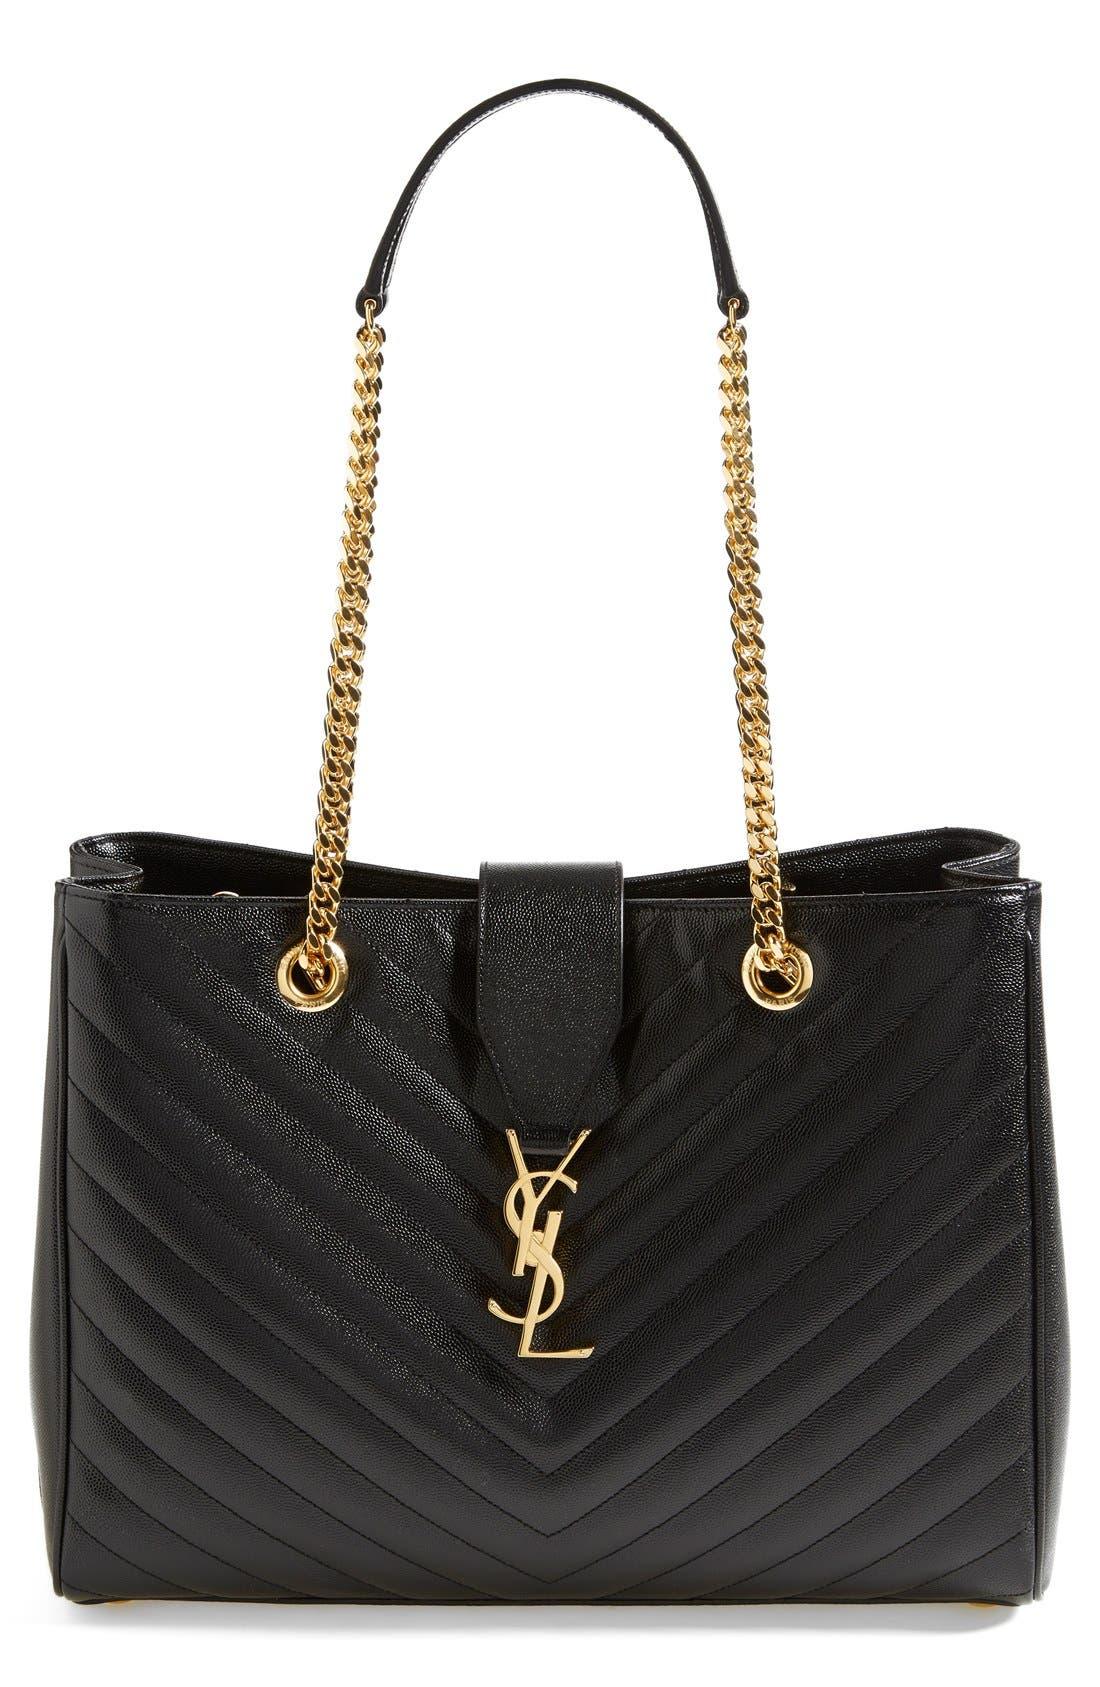 Main Image - Saint Laurent 'Monogram' Leather Shopper